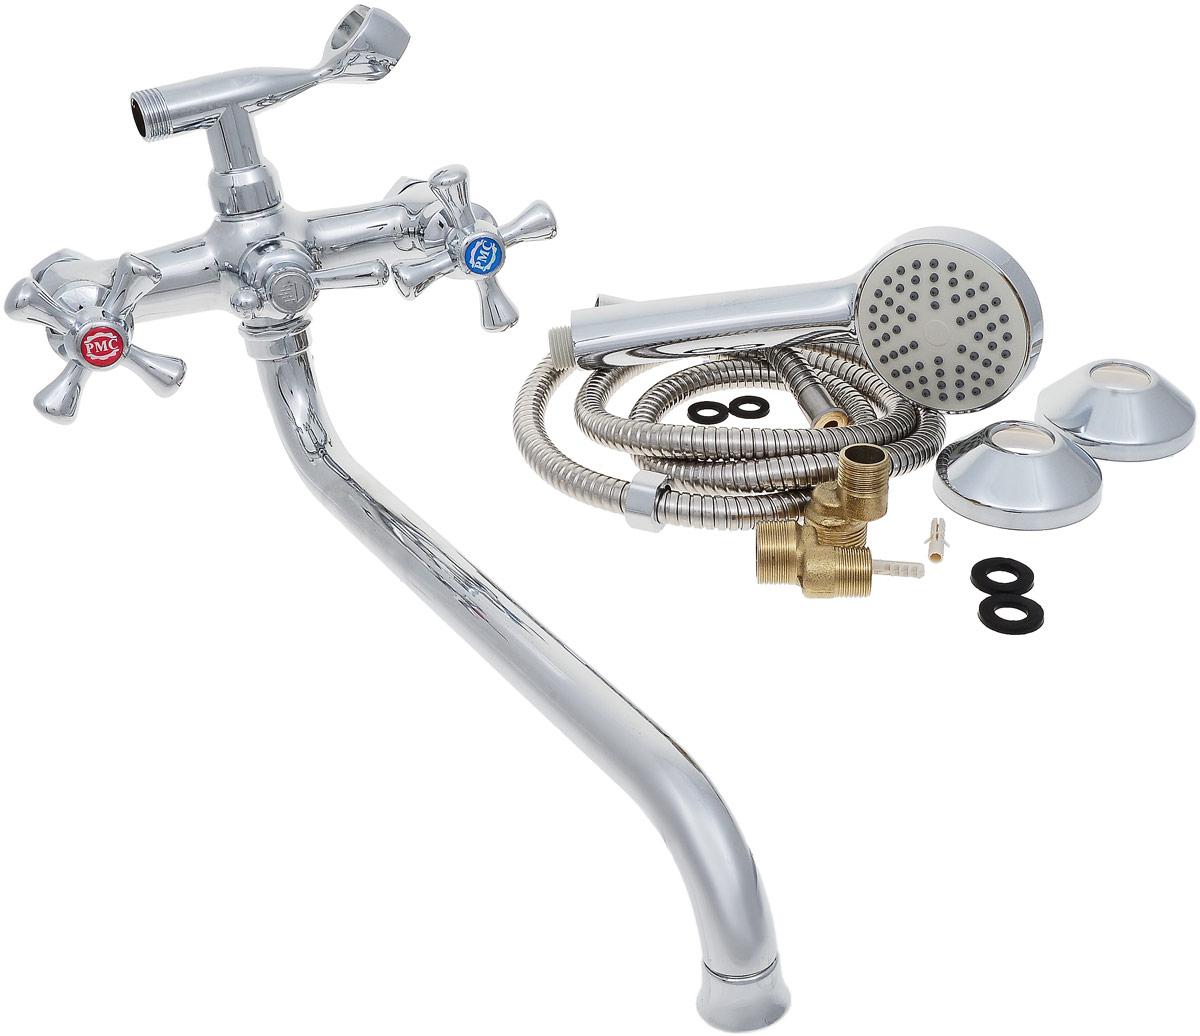 Смеситель для ванны и душа РМС, с длинным изливом, цвет: хром. SL70-143SL70-143Двуручковый смеситель для ванной комнаты РМС предназначен для смешивания холодной и горячей воды. Выполнен из высококачественной латуни повышенной прочности, устойчивой к коррозии. Кран-букса латунная с керамическими пластинами, угол поворота 180°. Оснащен длинным изливом. Переключение на душ - шаровое. Аэратор выполнен из пластика. В комплекте: эксцентрики, отражатели, металлический шланг для душа 1,5 м, лейка для душа.Максимальное давление: 10 бар.Испытательное давление: 16 бар.Рекомендуемое давление: 1-5 бар, при давлении выше 6 бар рекомендуется использовать регулятор давления.Максимально допустимая температура: +80°С.Рекомендуемая температура: +65°С.Размер присоединения к угловому вентилю для умывальника: гайка 1/2.Кран-букса керамическая: 1/2.Длина излива: 35 см.